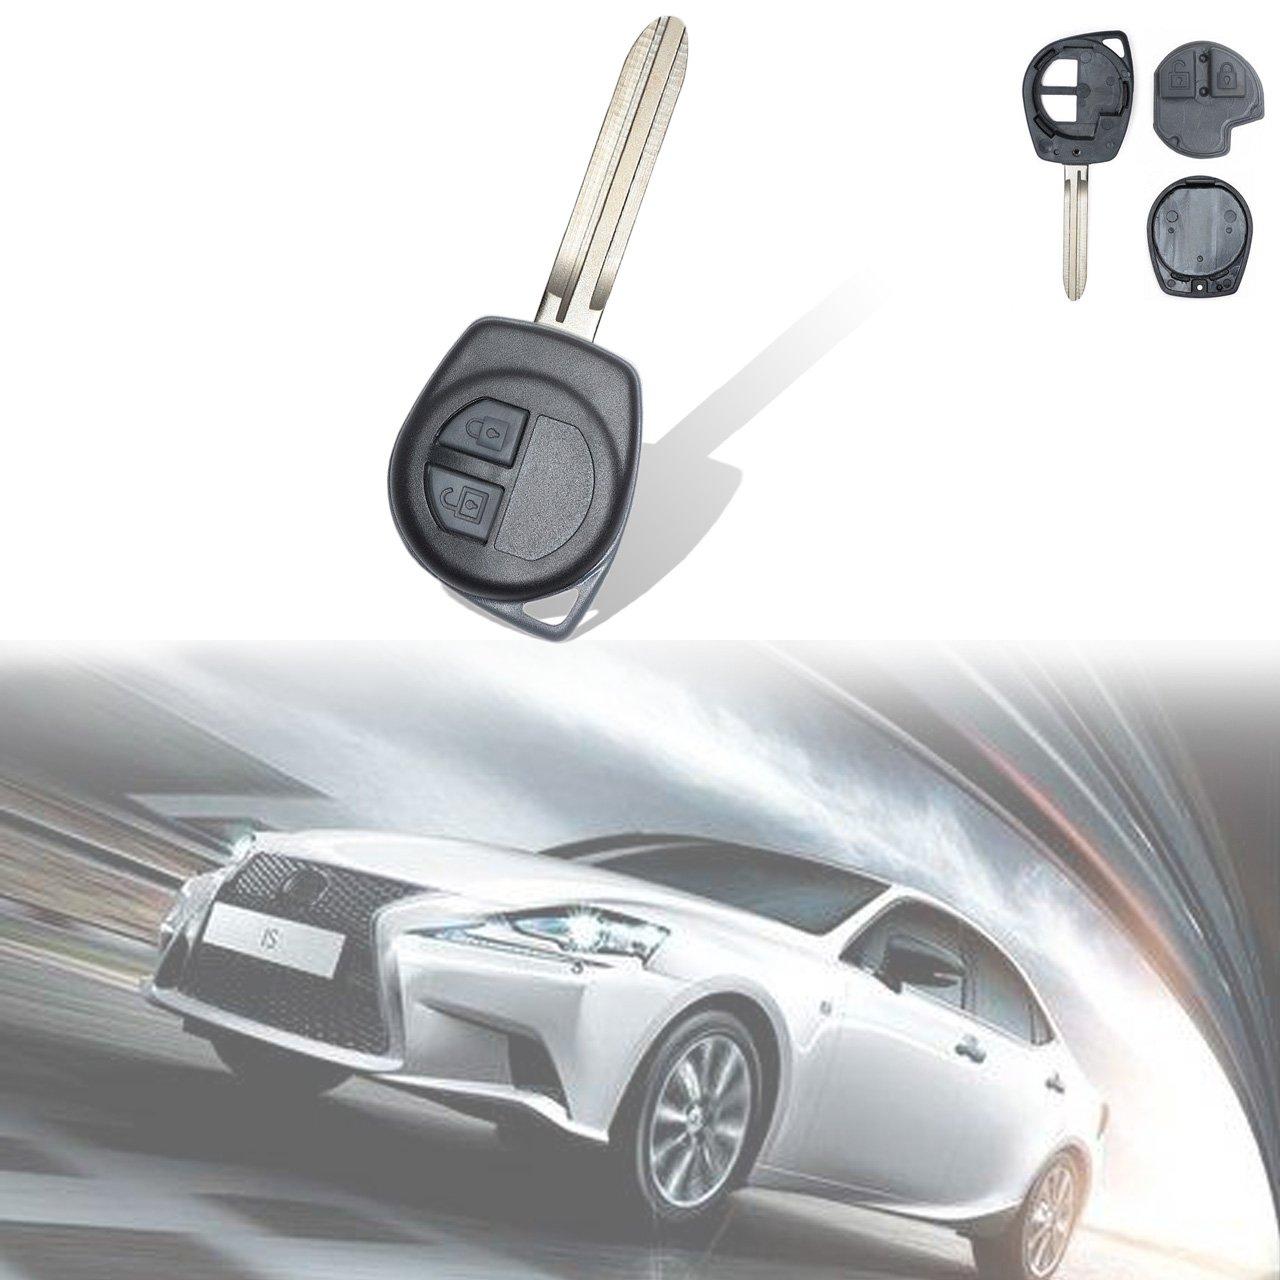 TUINCYN Mando a Distancia de Entrada sin Llave ID46 Chip 433 MHz Llave de Repuesto con 2 Botones para Cerradura de Puerta para Suzuki Grand Vitara HP IGNIS, Negro (Pack de 1)